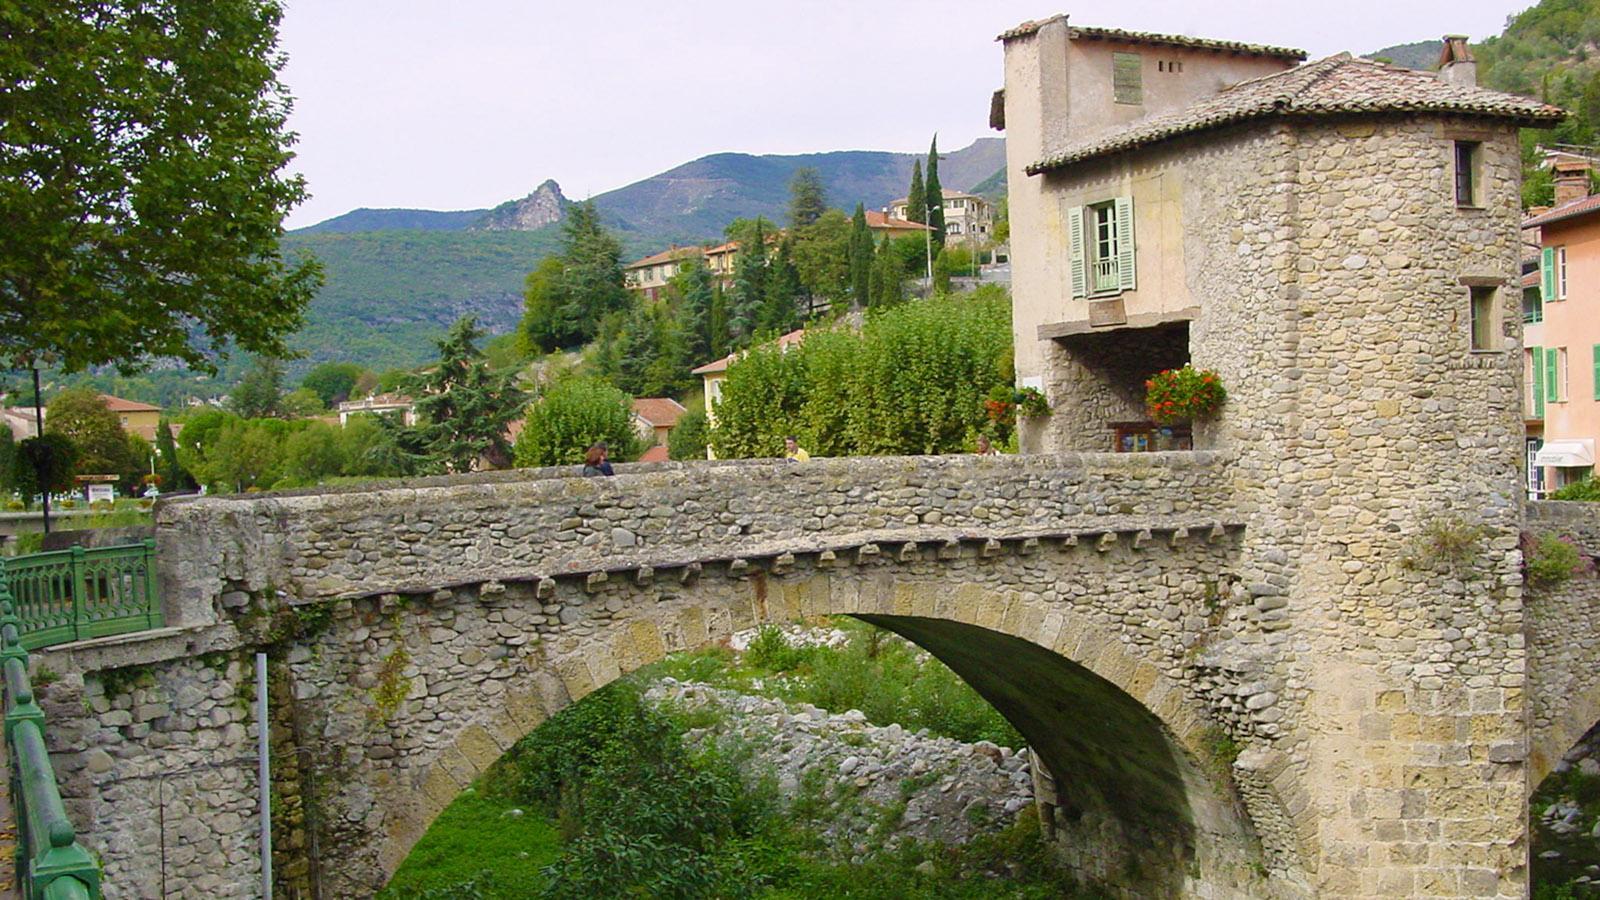 Die mittelalterliche Brücke mit Mautturm überspannt in Sospel das Flüsschen Bévéra. Foto: Hilke Maunder